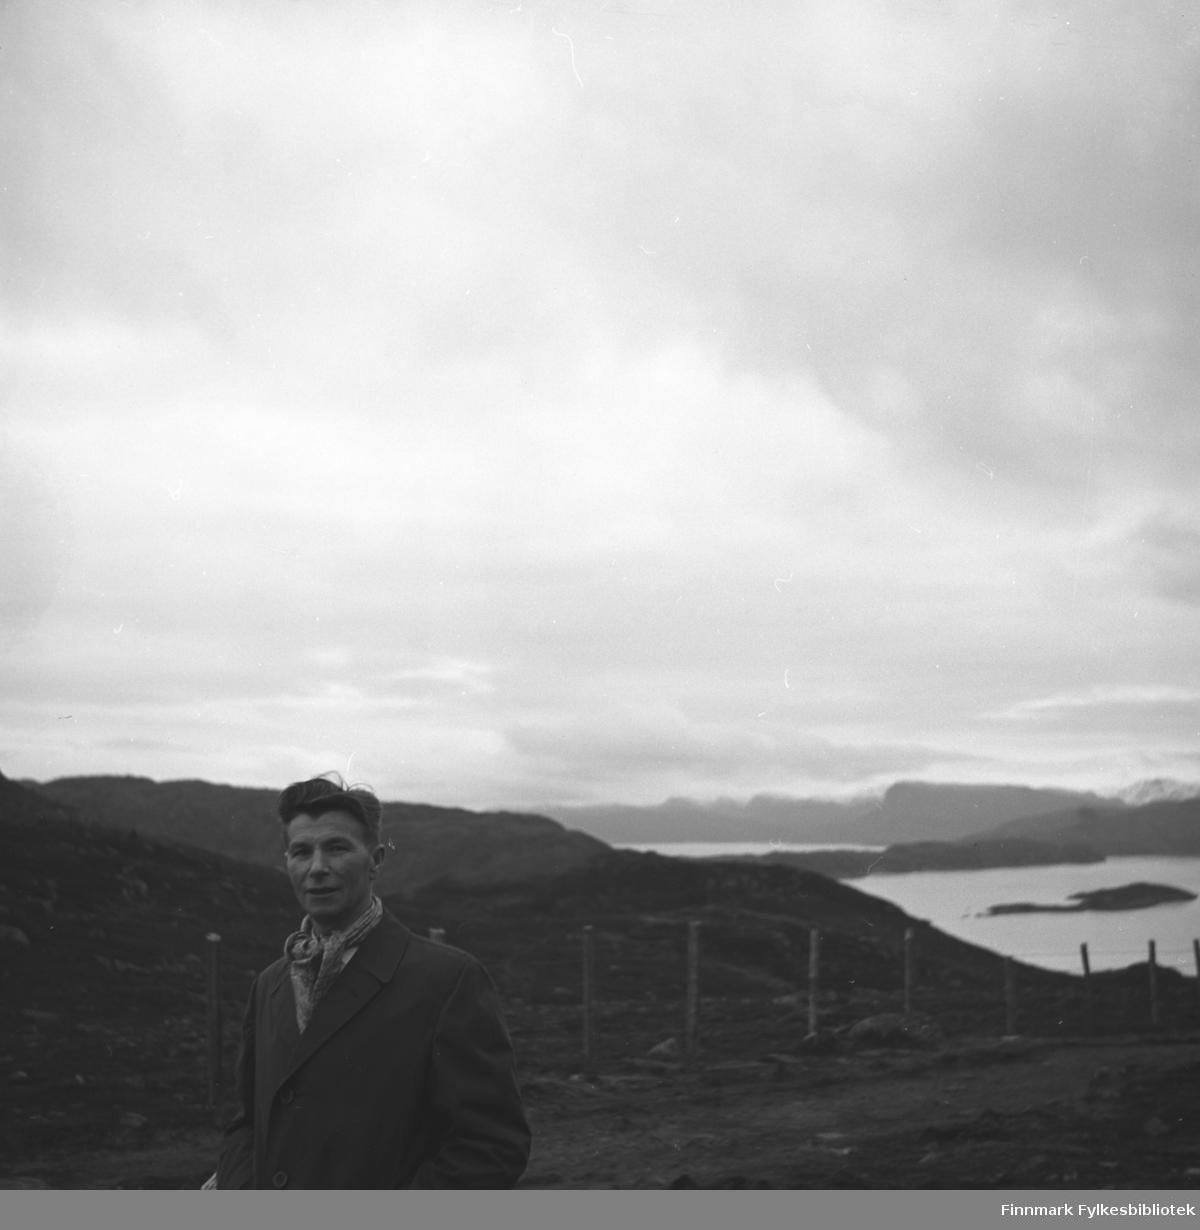 Eino Drannem fotografert på fjellet, muligens i nærheten av Hammerfest.